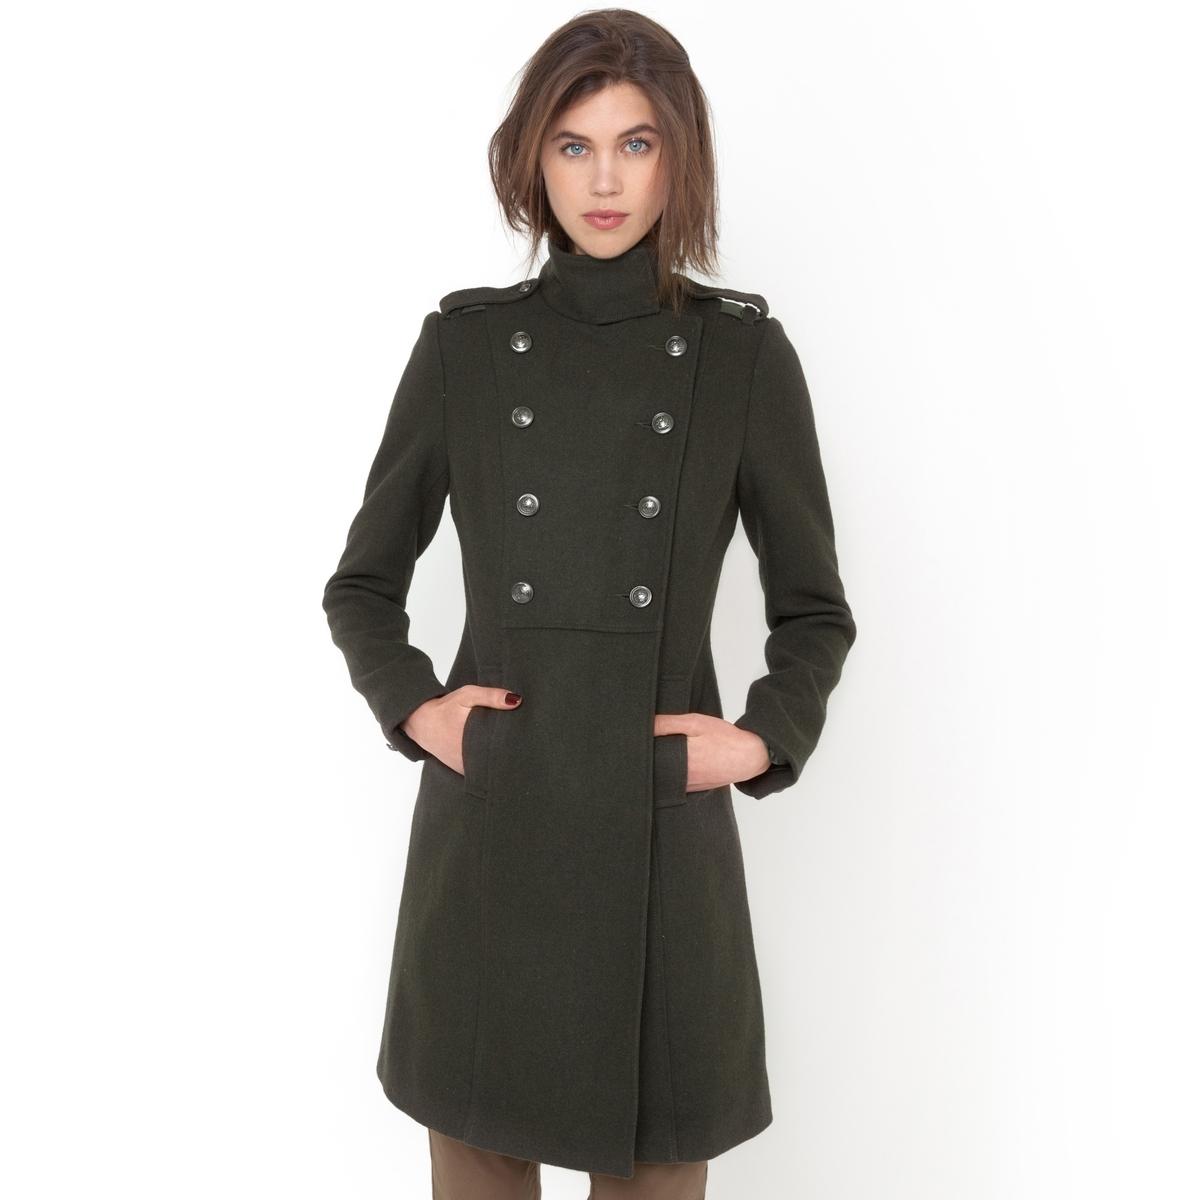 Пальто, 45% шерстиВоротник-стойка и манжеты на пуговицах. Металлические пуговицы.Двубортная планка на пуговицах. Длина 95 см.<br><br>Цвет: хаки<br>Размер: 38 (FR) - 44 (RUS)